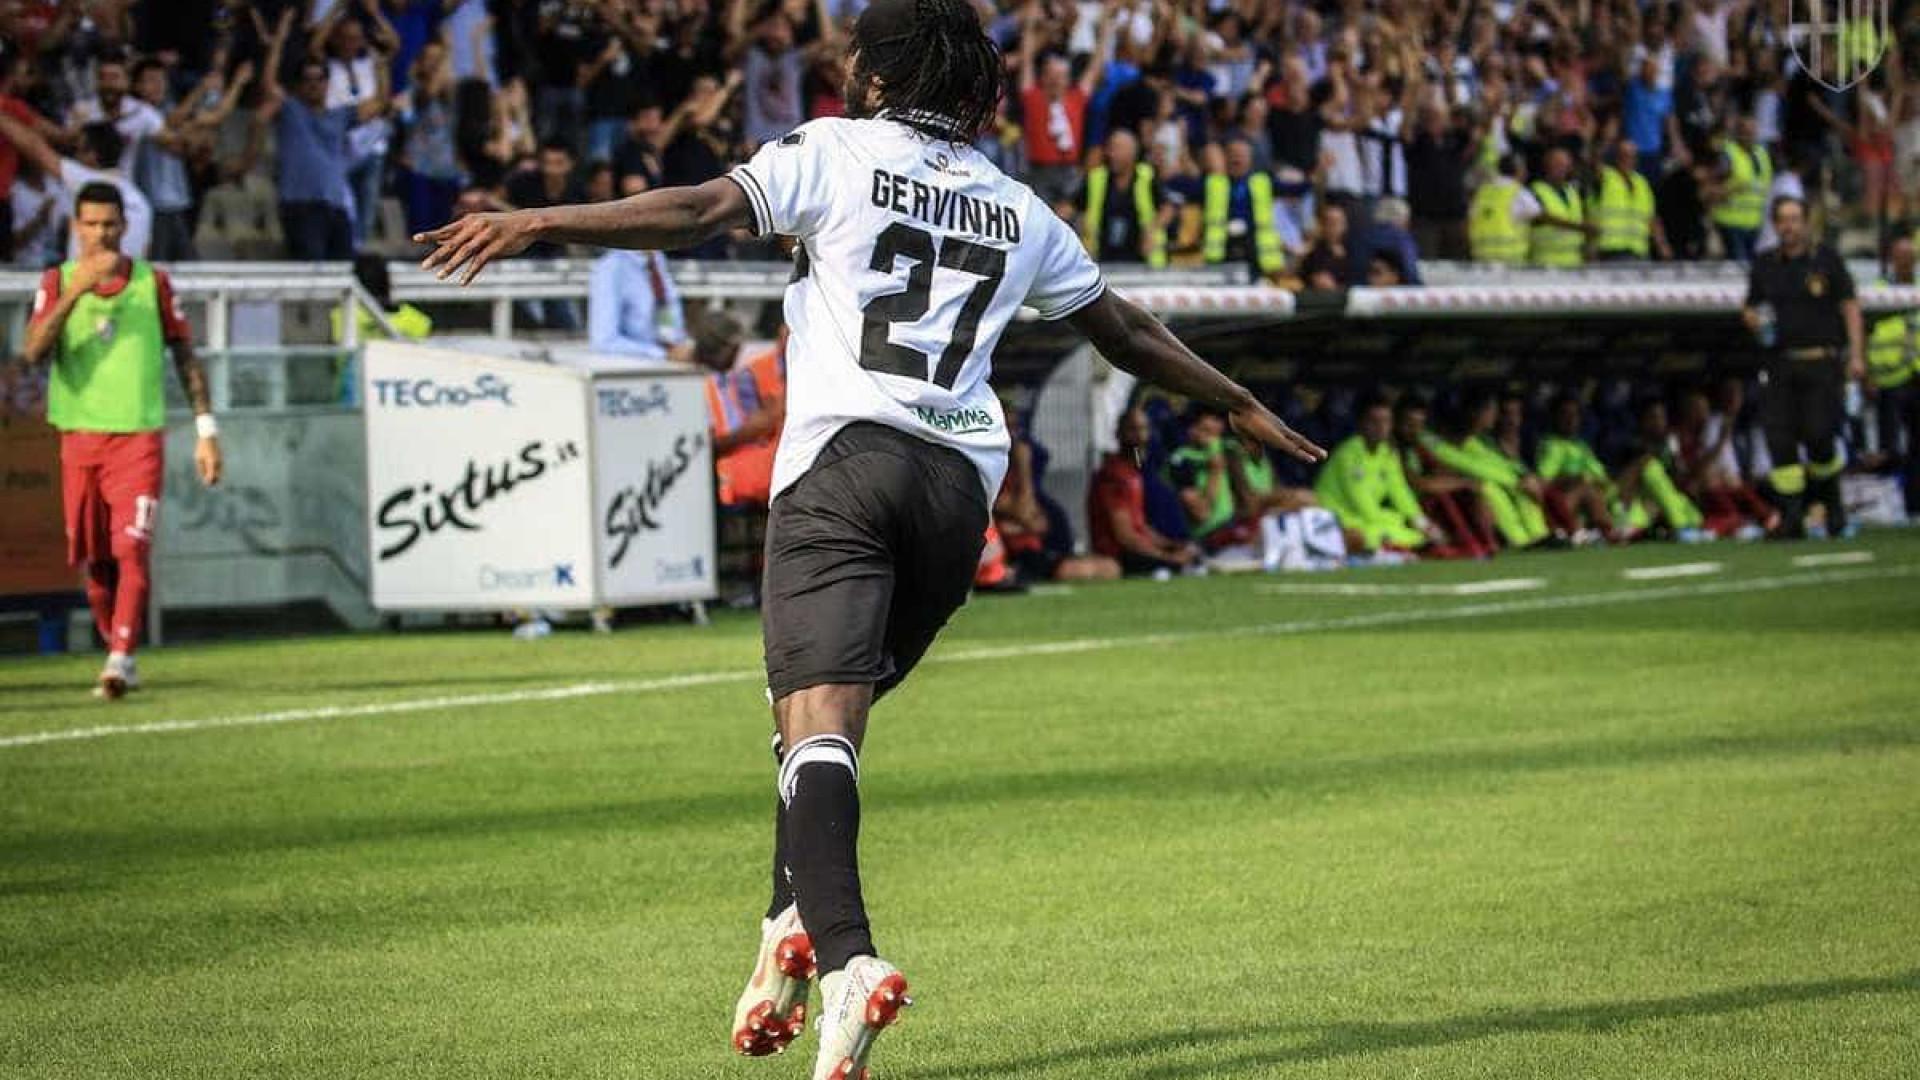 Com golaço de Gervinho, Parma vence a segunda seguida no Italiano